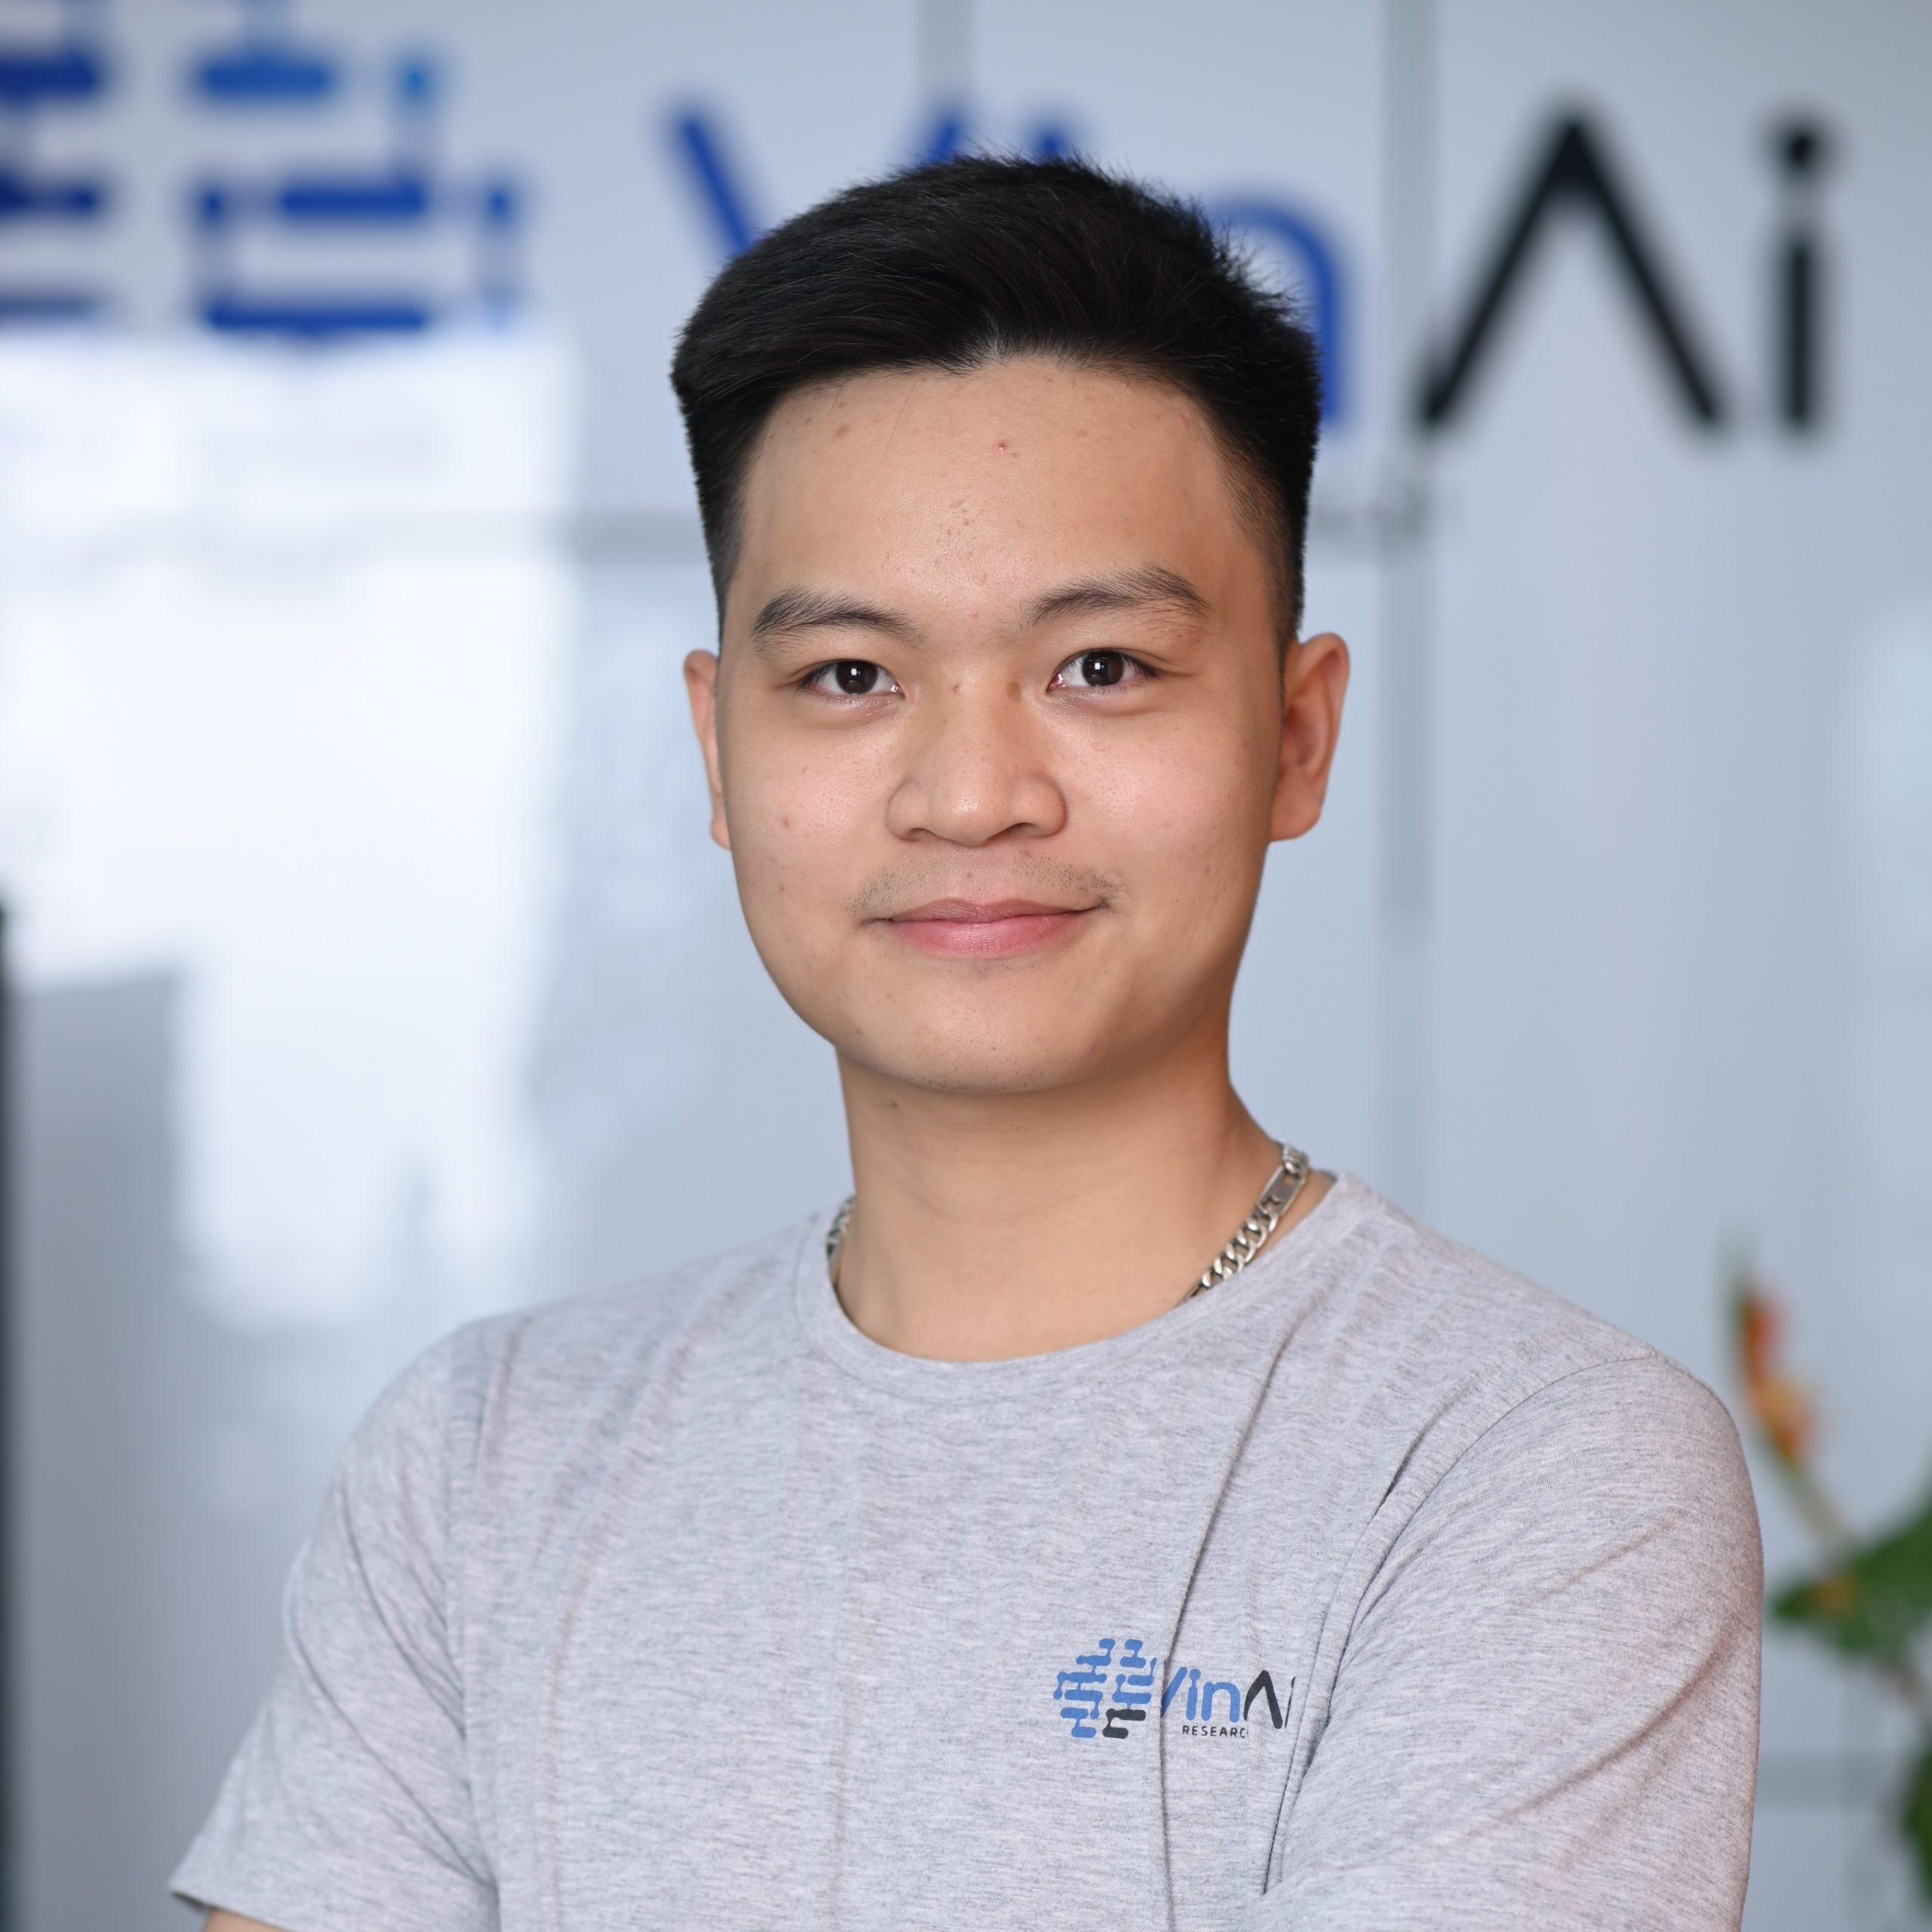 VinAI - Bệ phóng khoa học của các tài năng AI Việt - Ảnh 3.